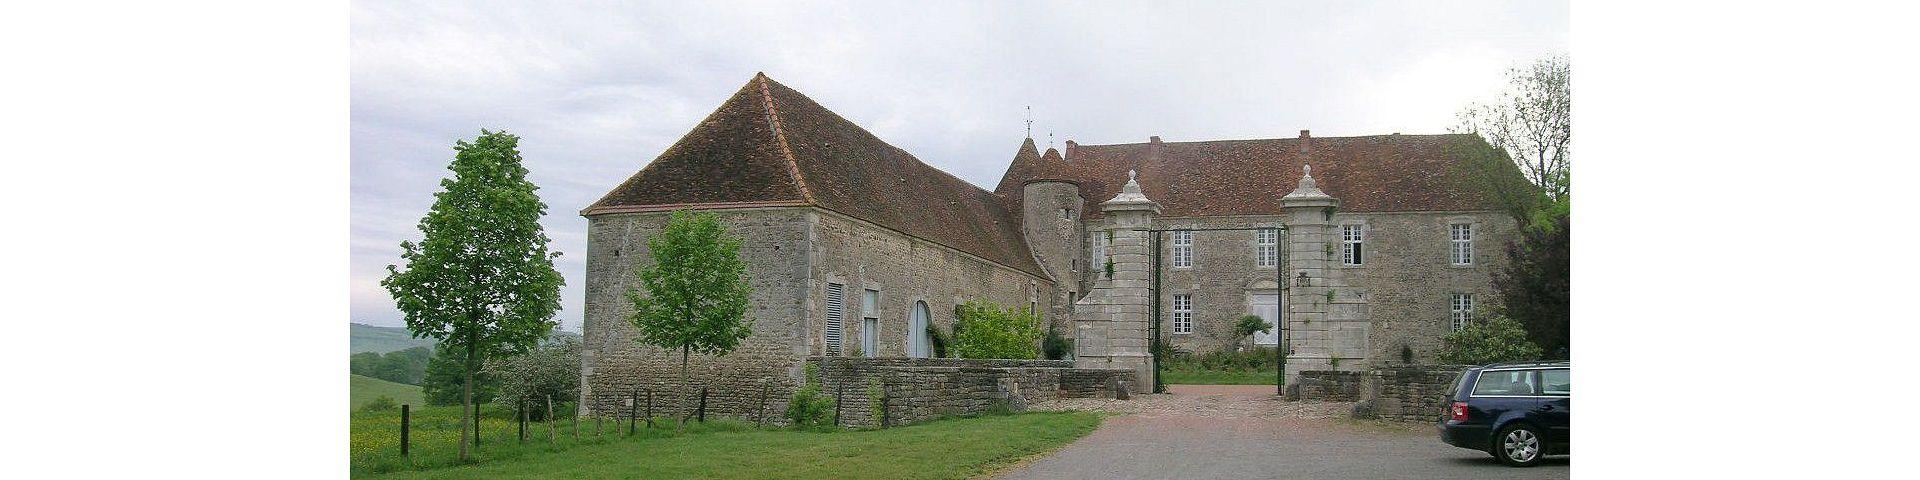 Ecutigny - Château (21)